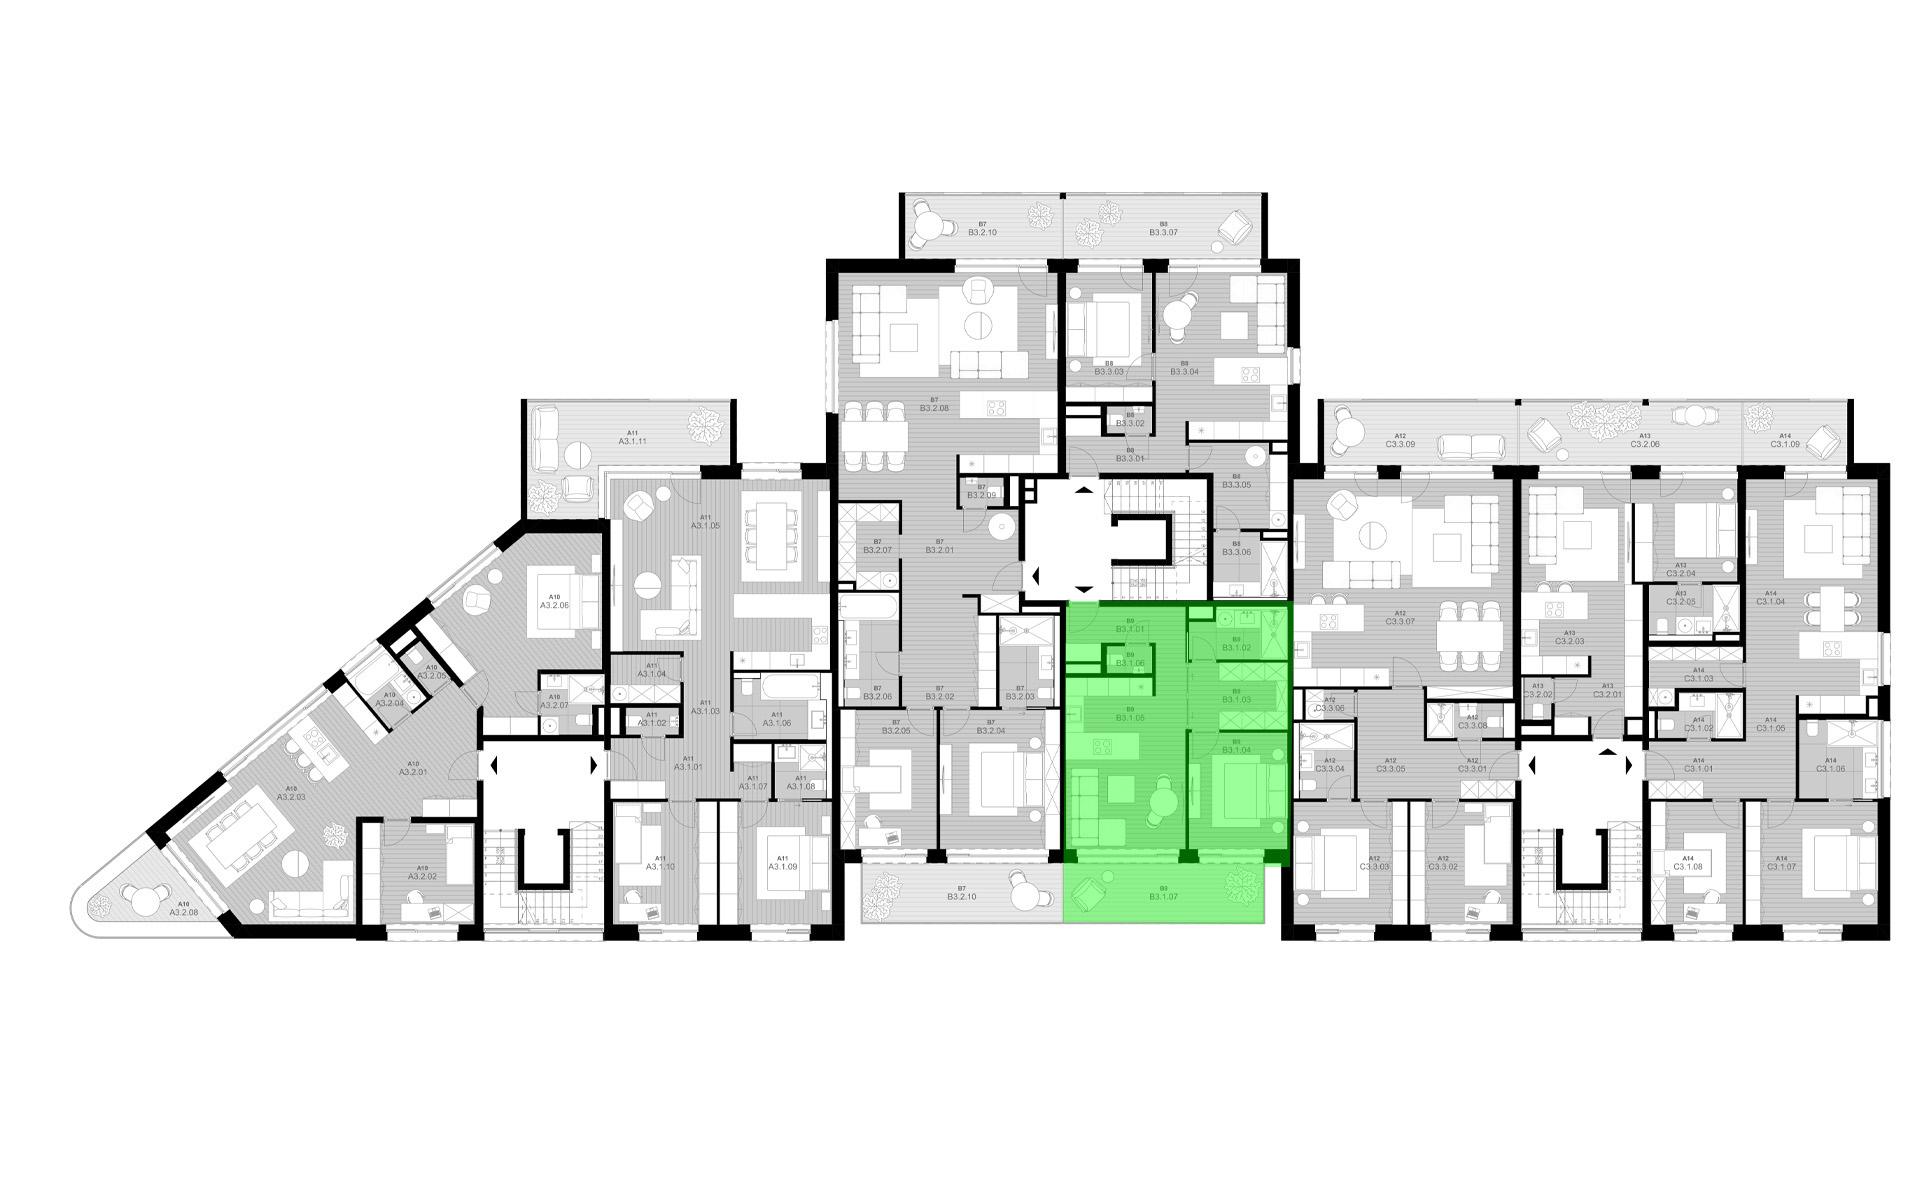 rezidencia K Železnej Studienke - pôdorys so zvýraznením bytu B3.1